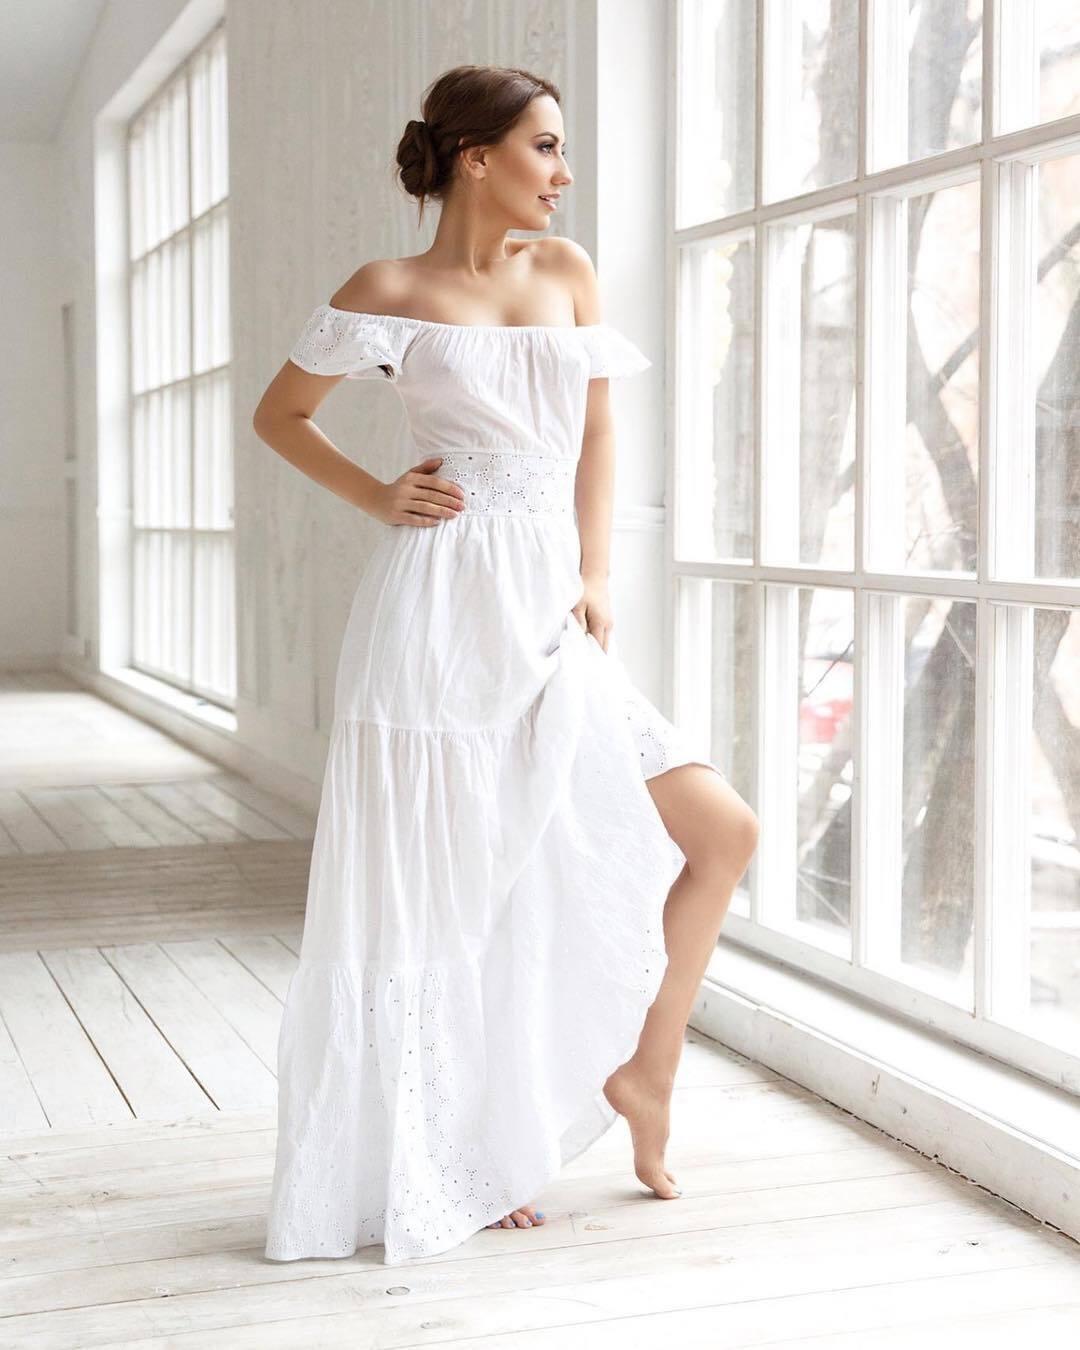 Елеонора Хабiбулiна в білій сукні